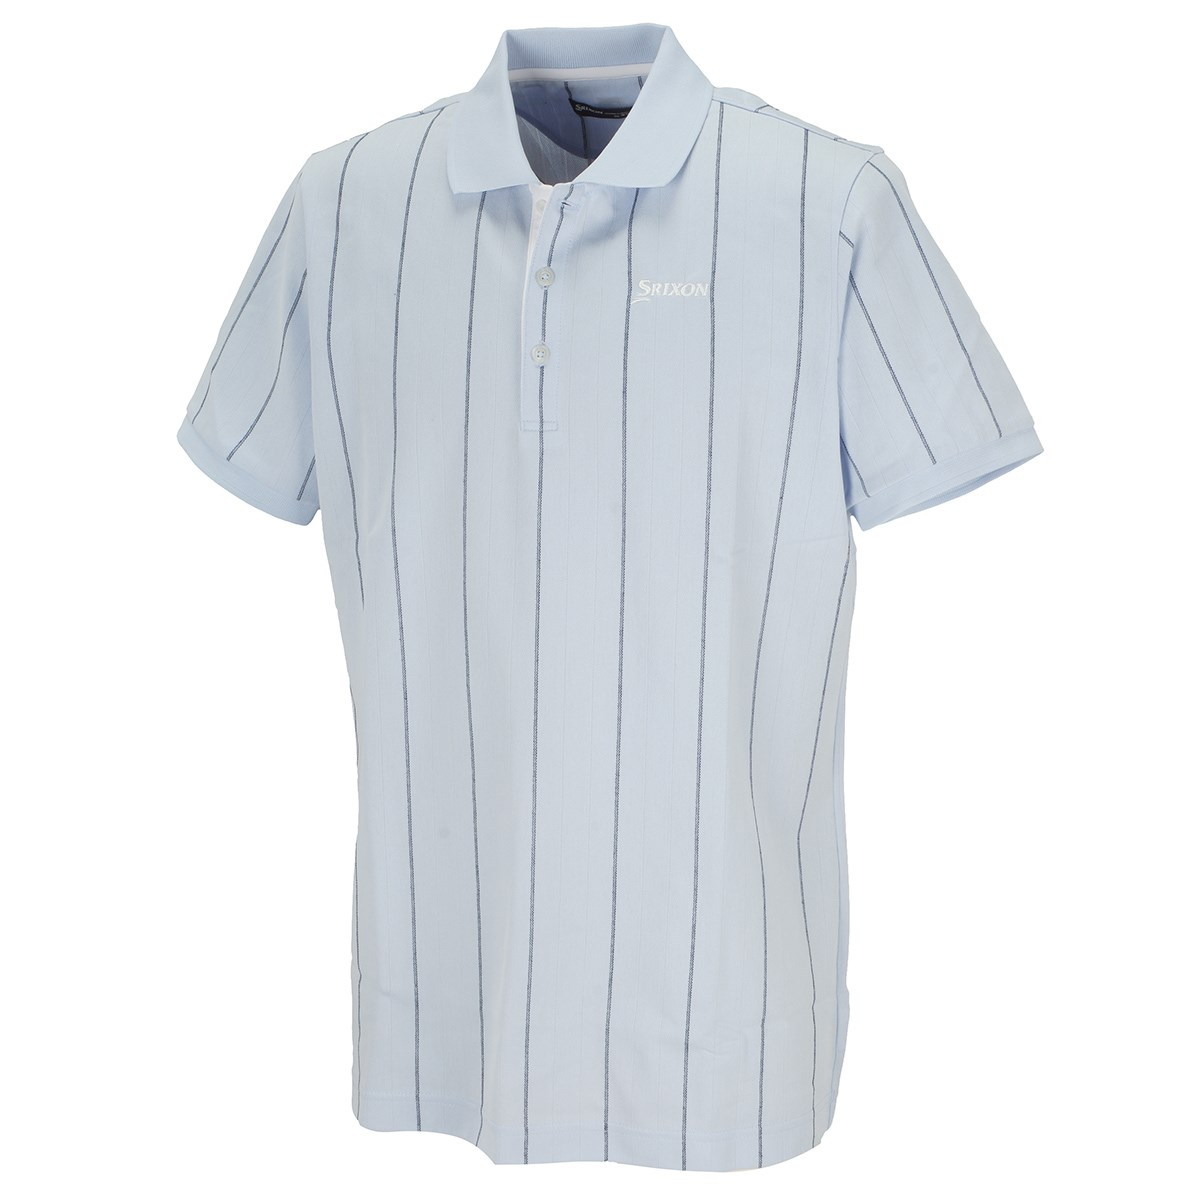 スリクソンゴルフ 鹿の子ジャカードストライプ 半袖ポロシャツ